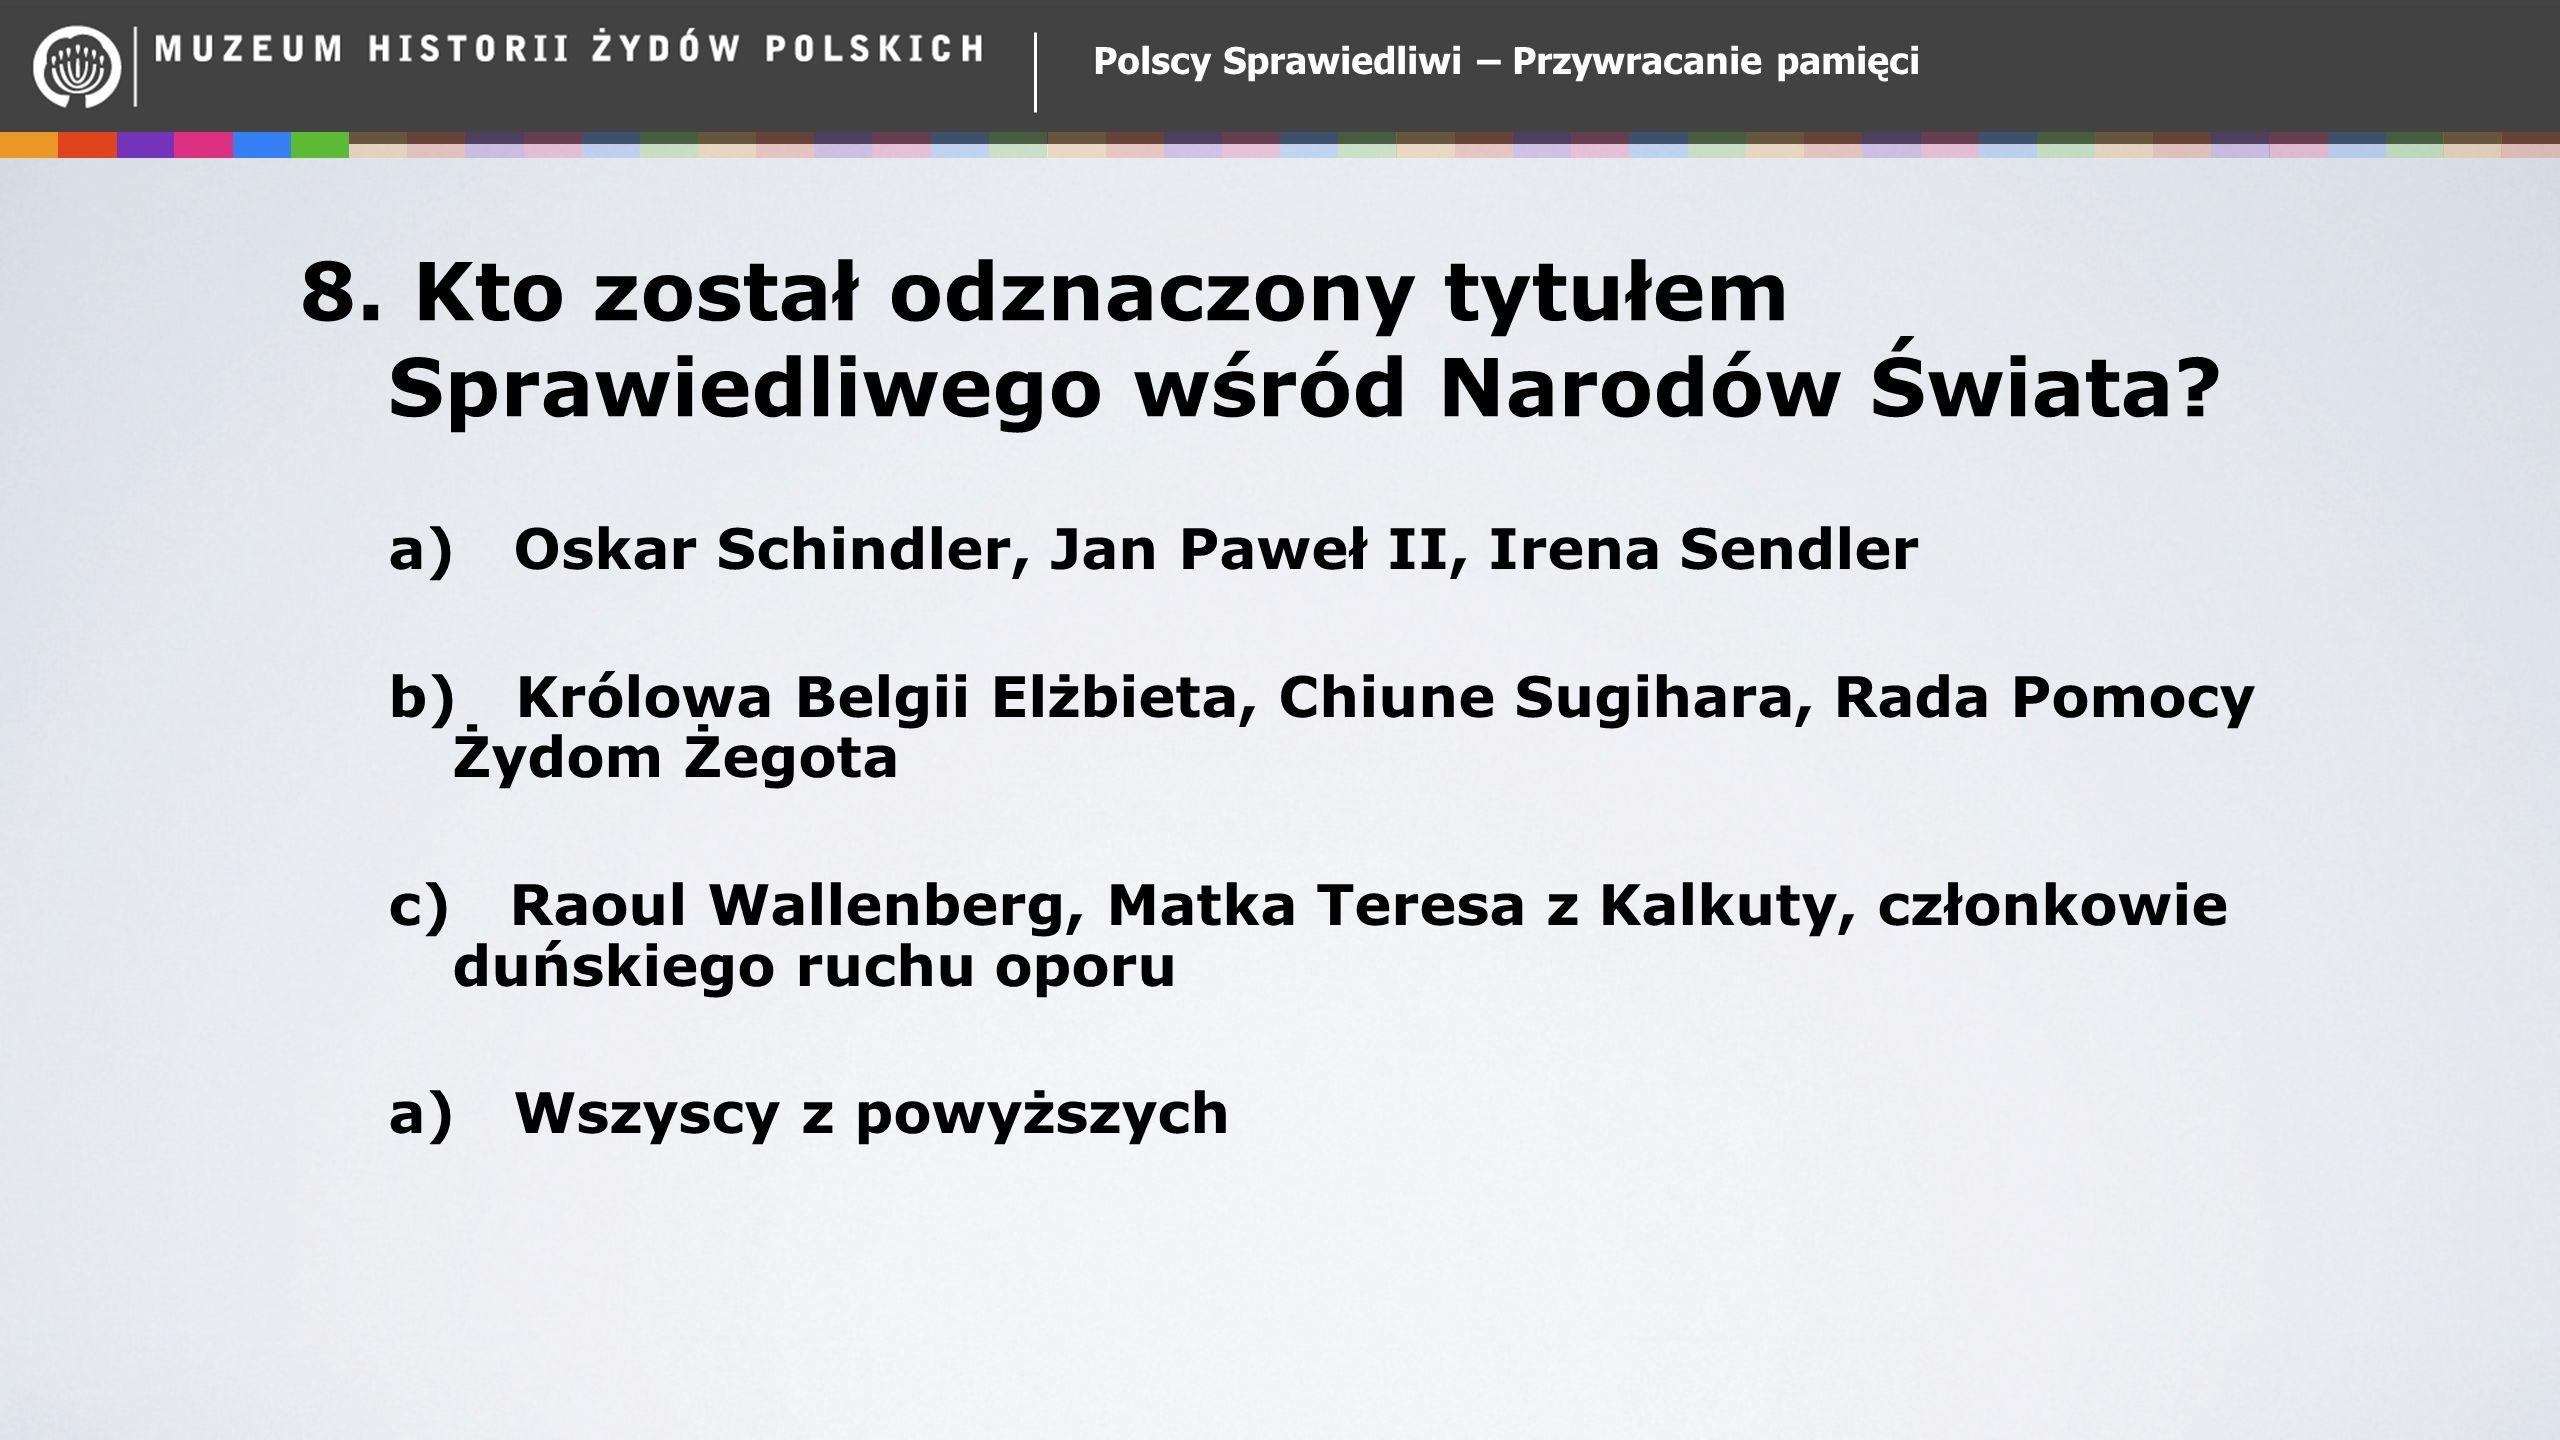 Polscy Sprawiedliwi – Przywracanie pamięci 8. Kto został odznaczony tytułem Sprawiedliwego wśród Narodów Świata? a) Oskar Schindler, Jan Paweł II, Ire